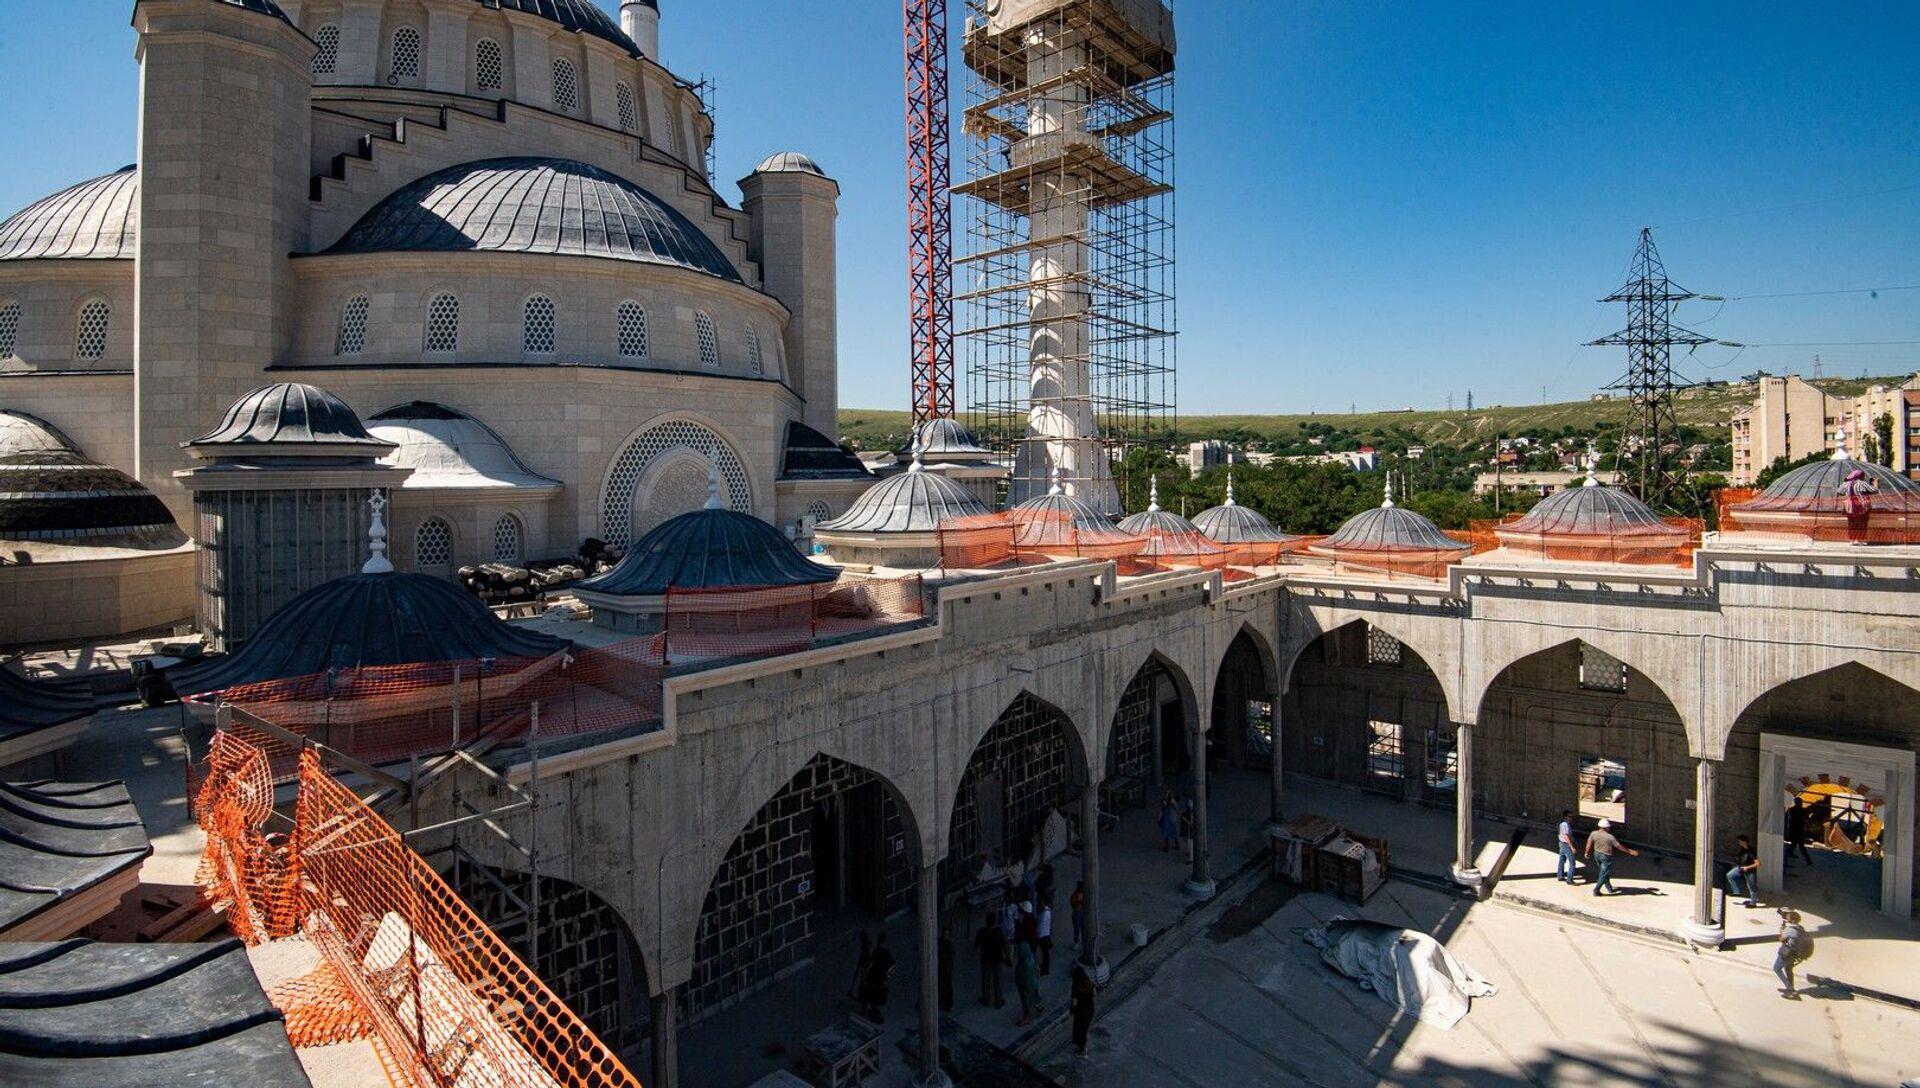 Строительство соборной мечети - РИА Новости, 1920, 31.07.2020